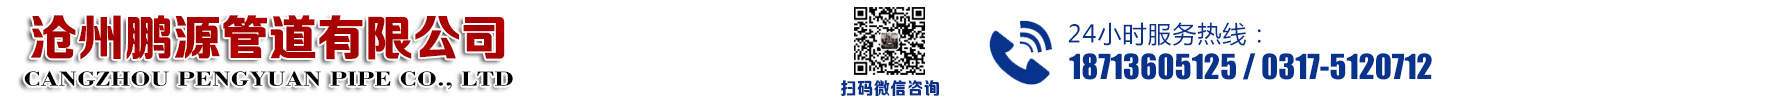 沧州鹏源管道有限公司